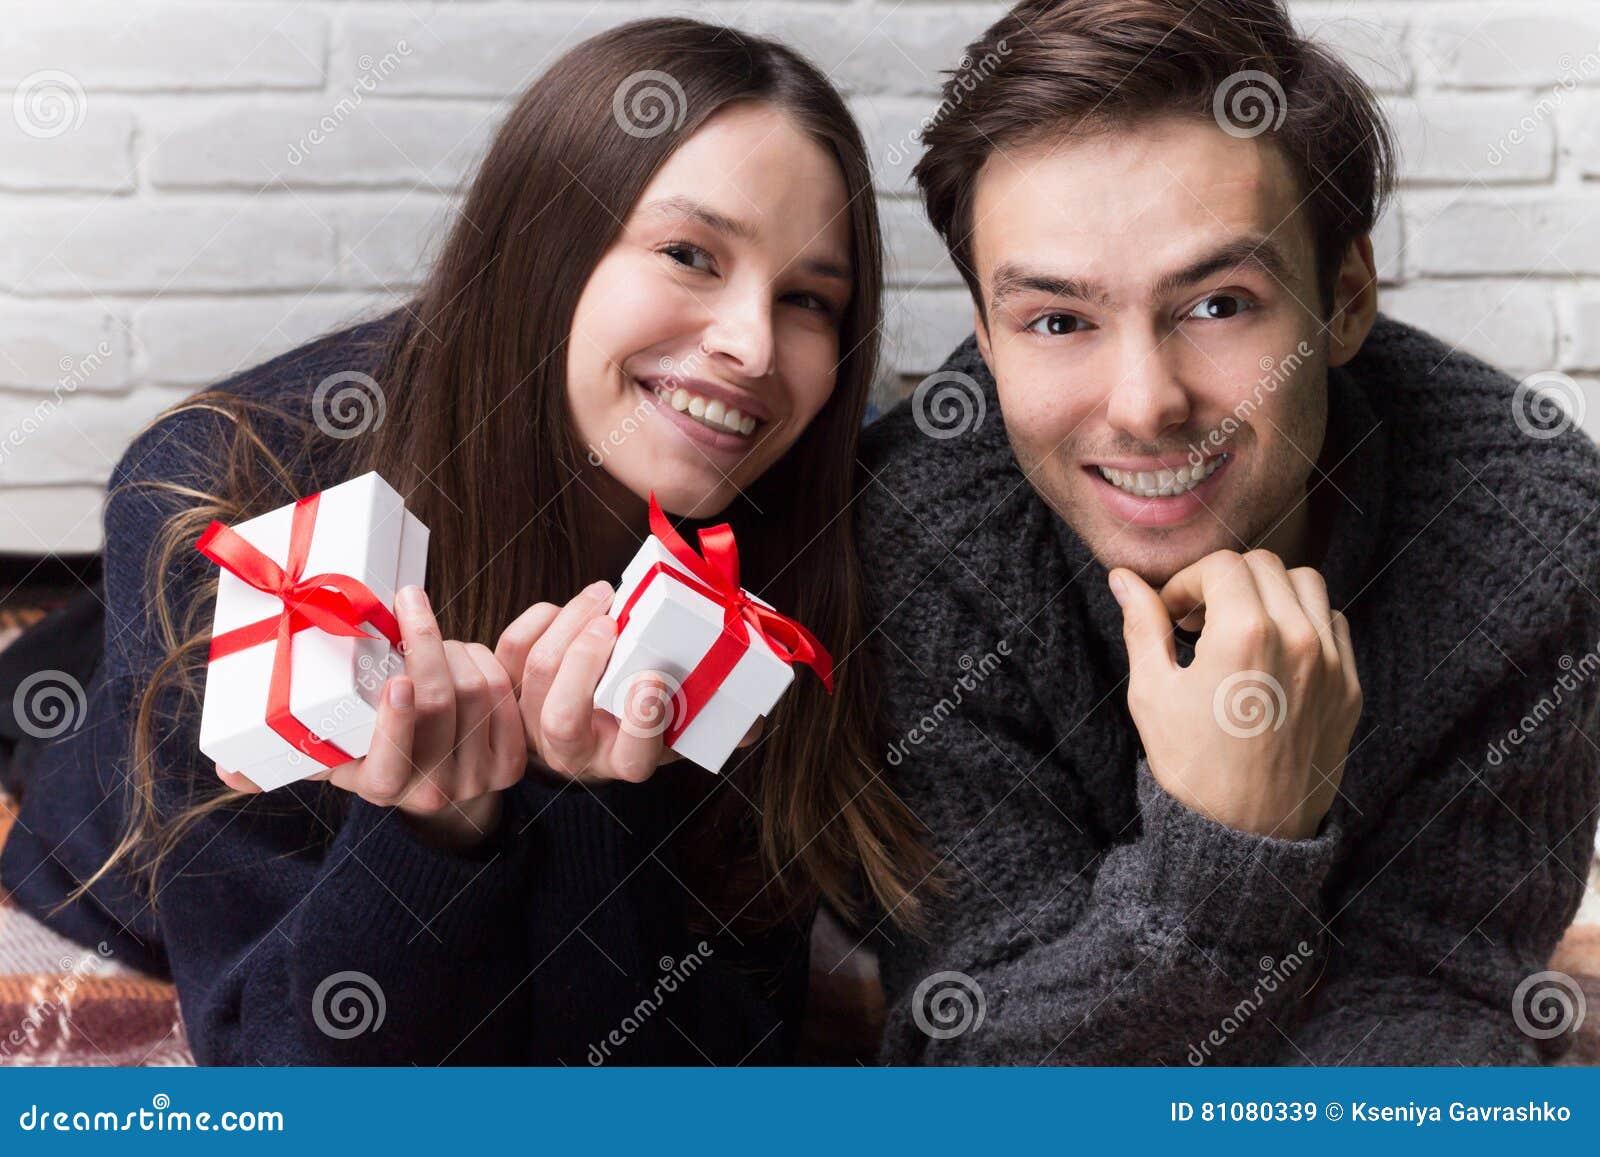 Weihnachtliche Geschenkideen für einen Typen, den Sie datieren